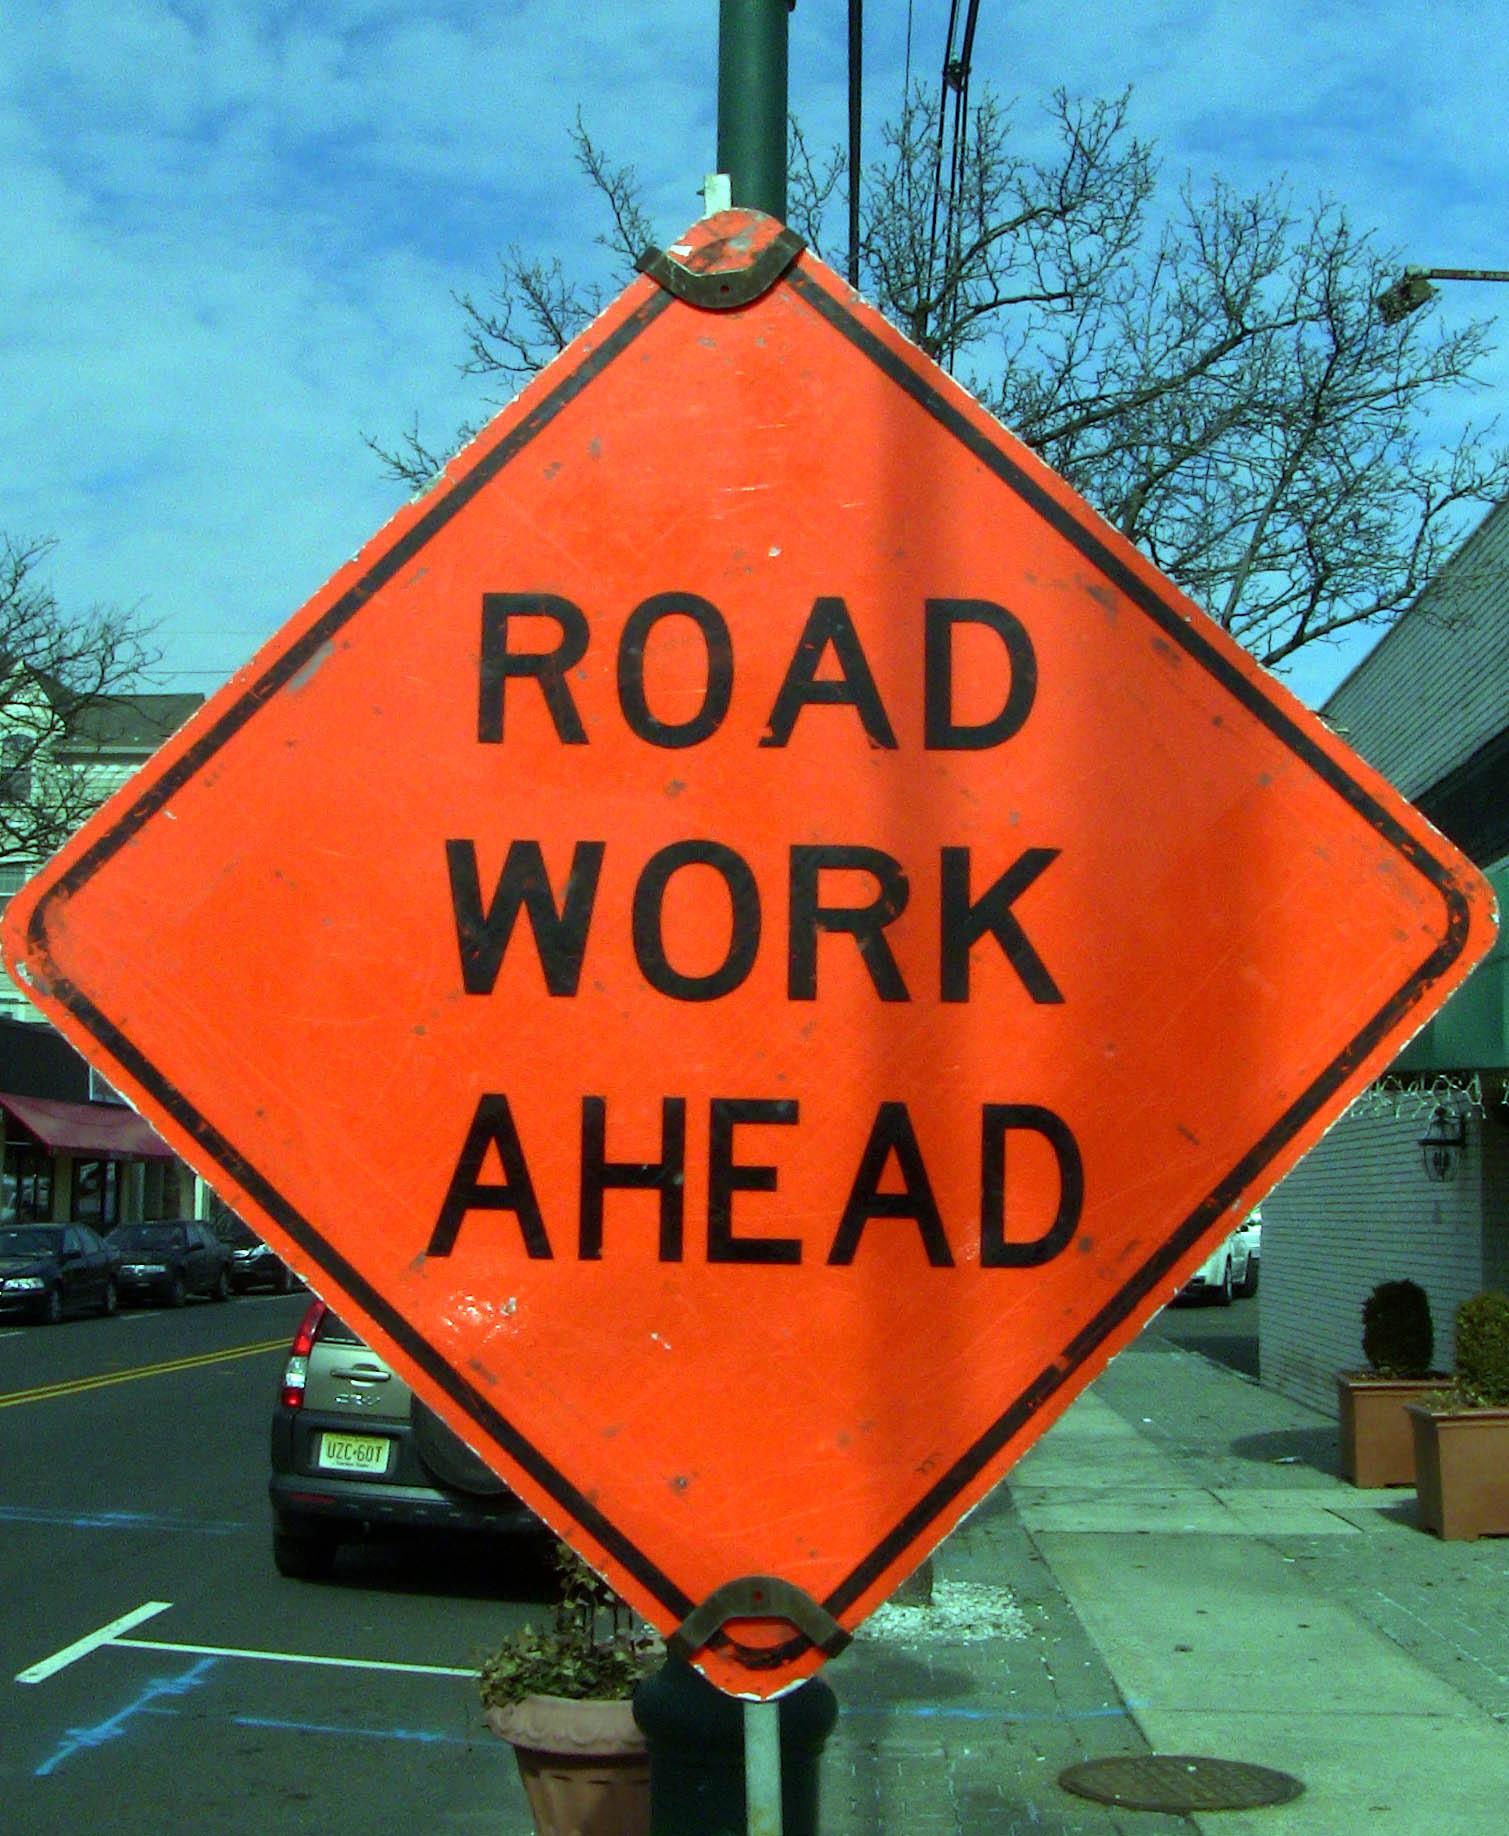 22e9bd7cb79137741918_Road_Work_Ahead_sign.jpg